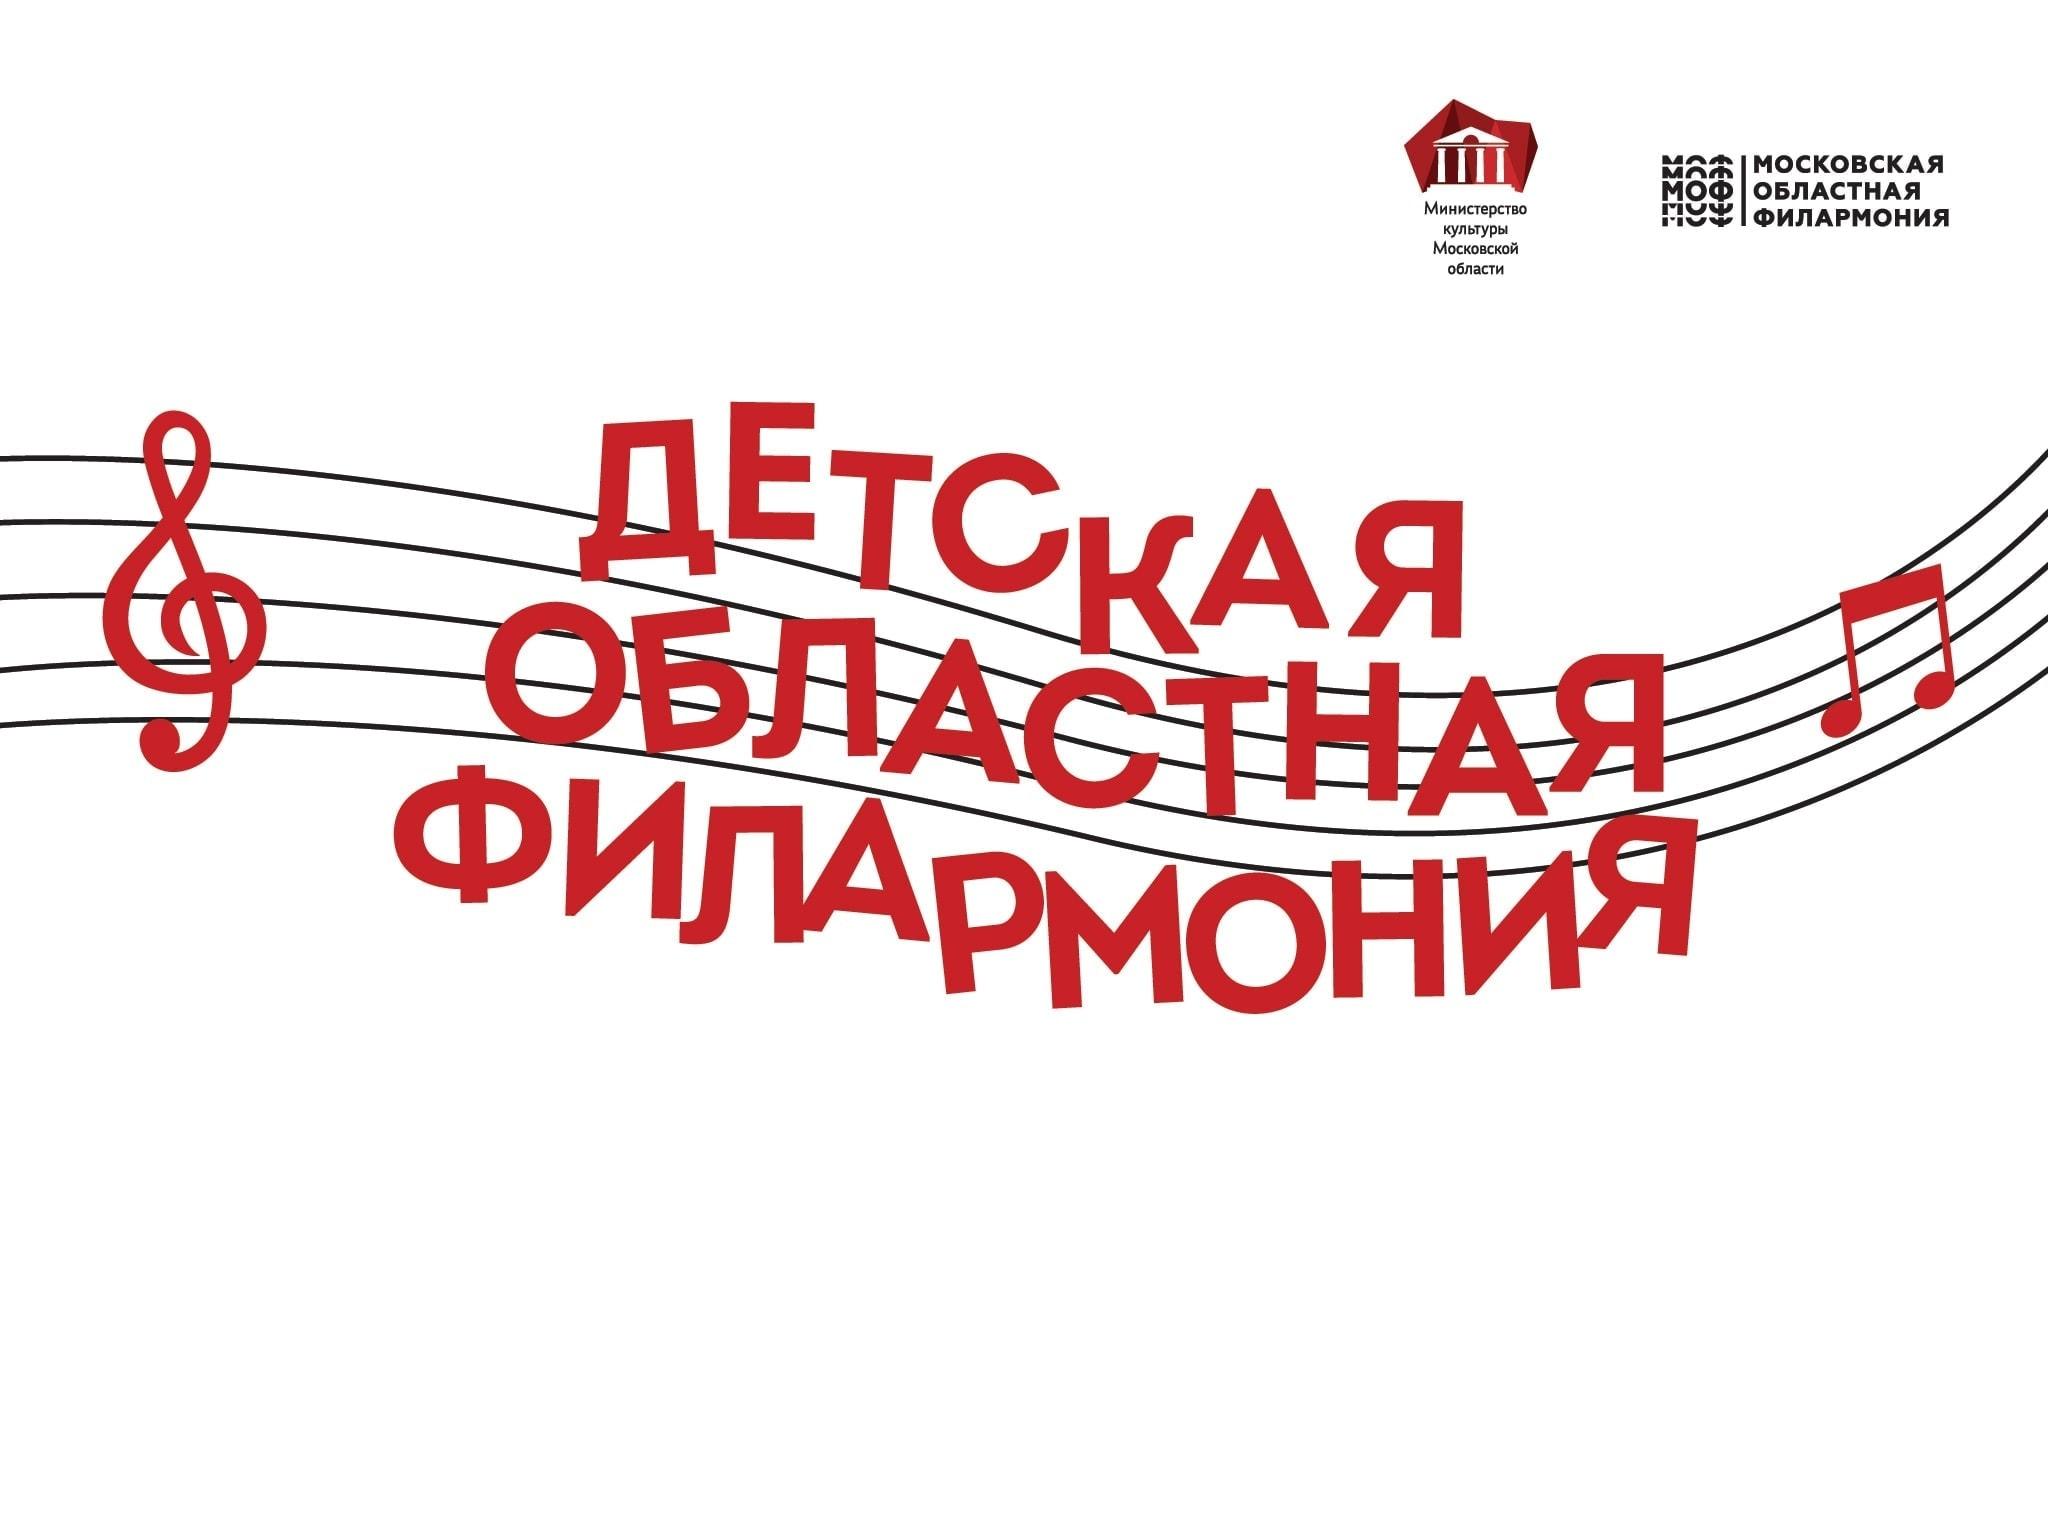 Московская областная филармония открывает детский абонемент